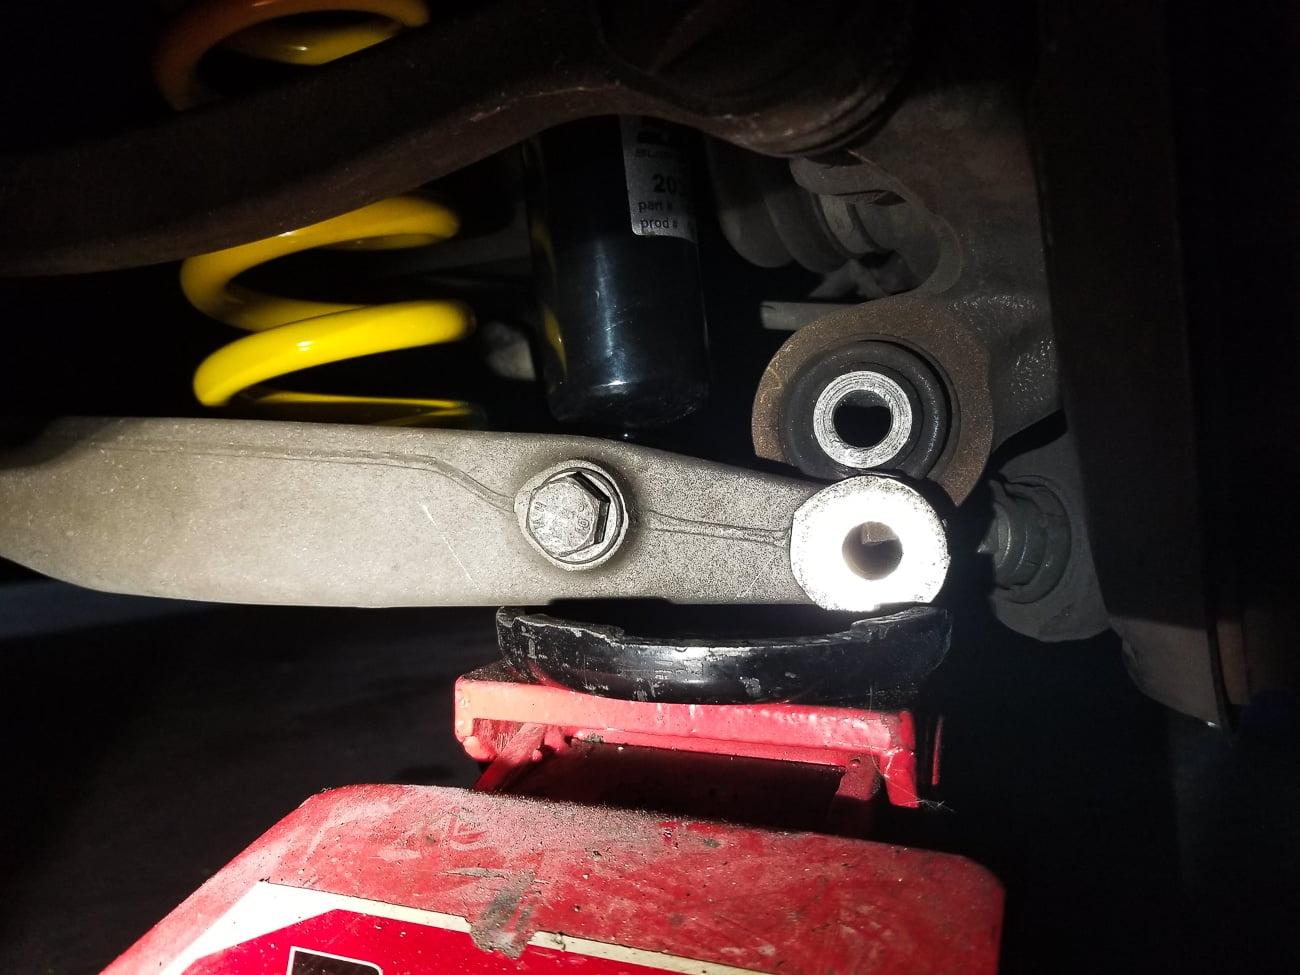 E90 E92 M3 Coilover Install DIY